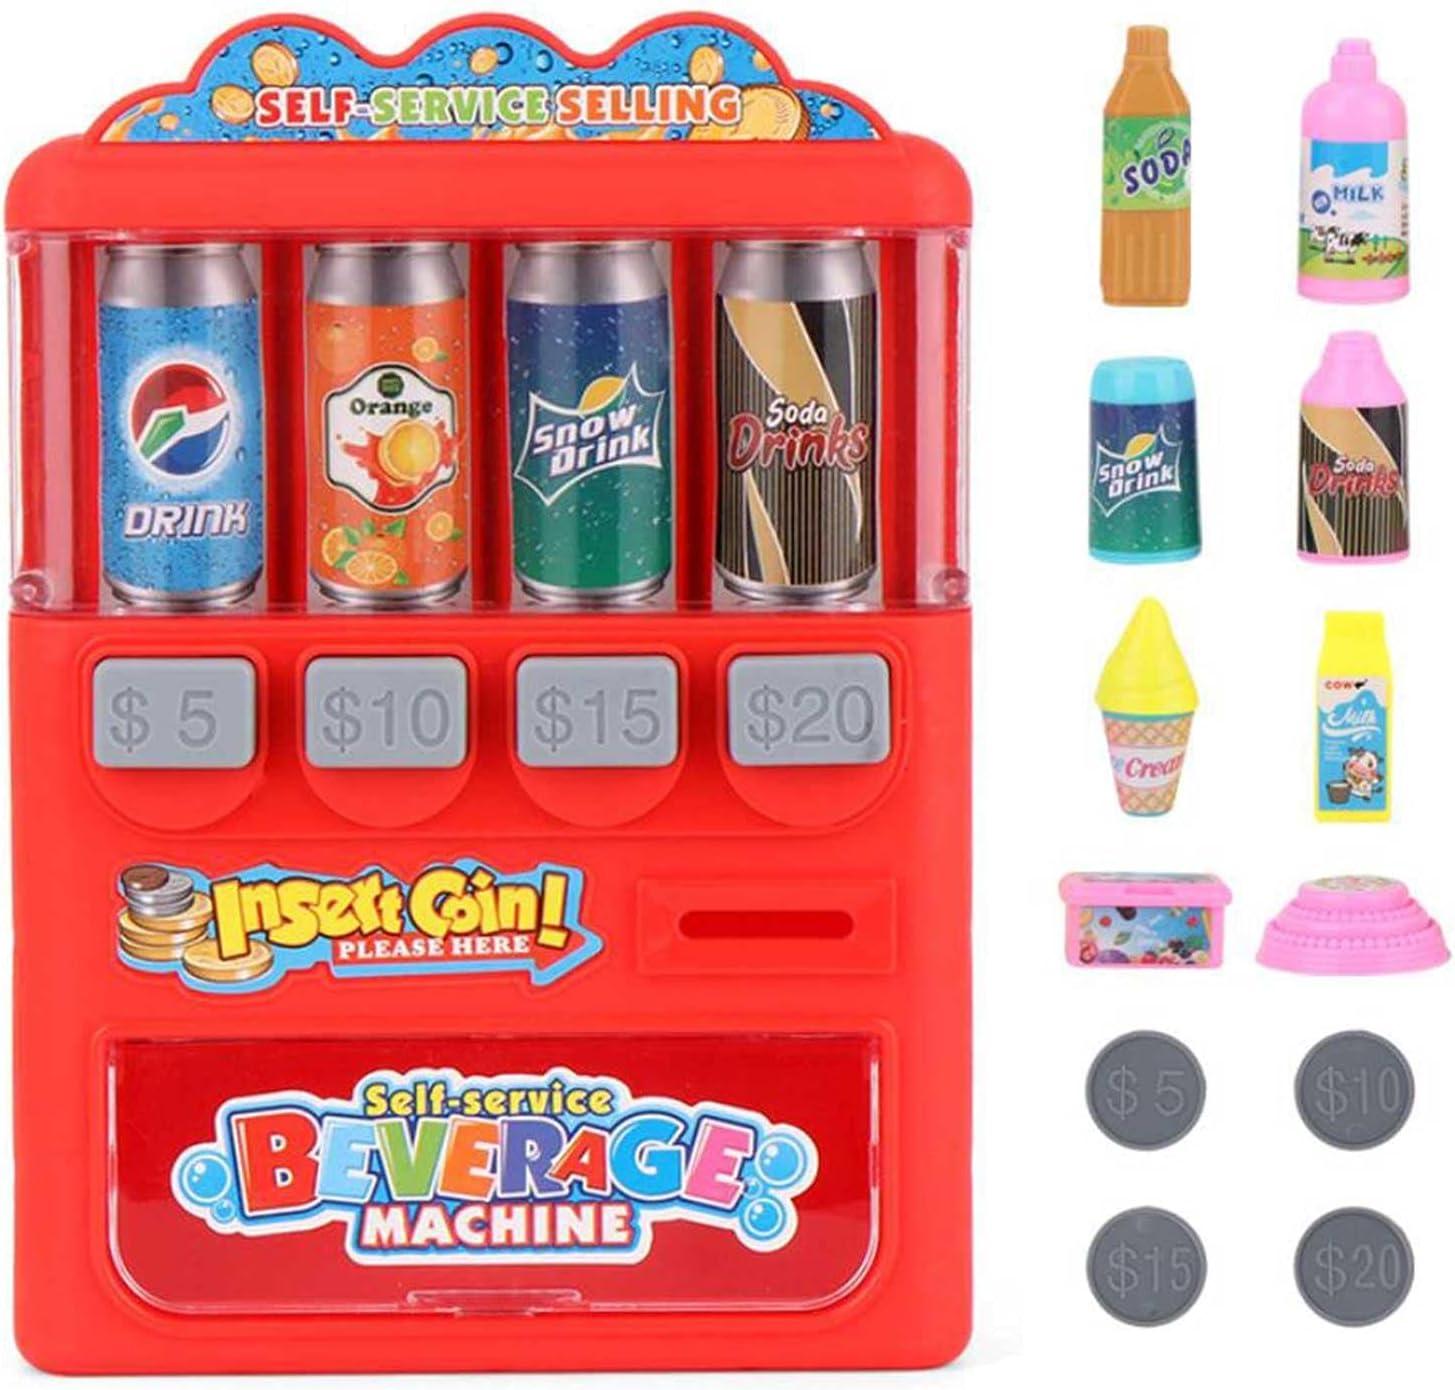 luukiy Máquina expendedora de Juguetes para niños, Juego de simulación de Compras, Juego de rol, Juguetes de Aprendizaje para niños